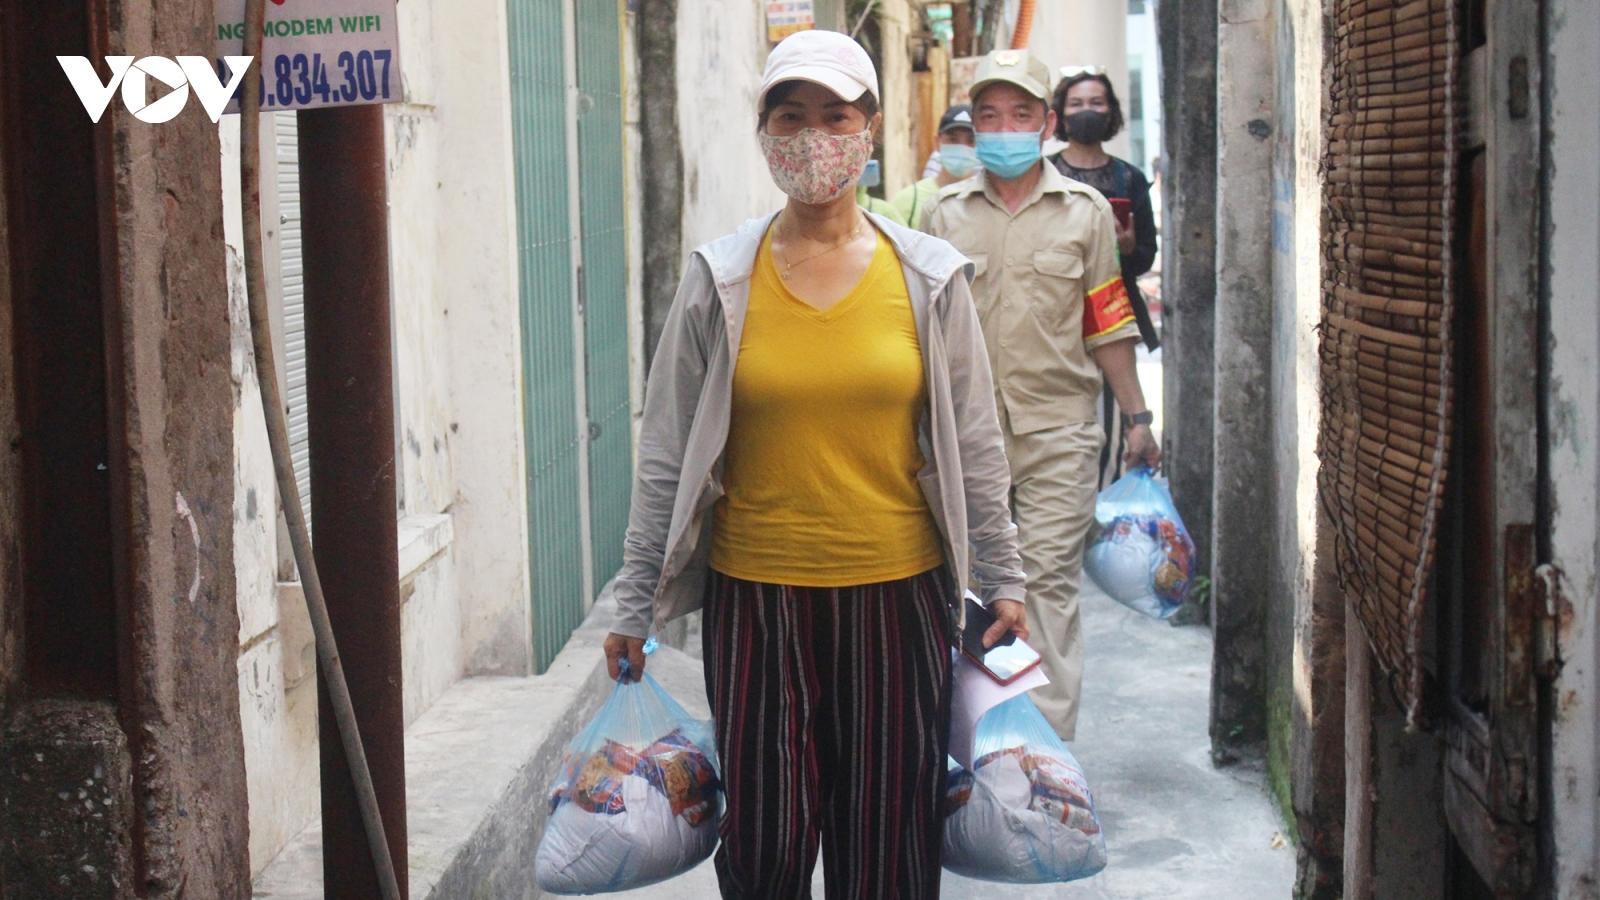 Hà Nội: Trao nhu yếu phẩm cho những người có hoàn cảnh khó khăn